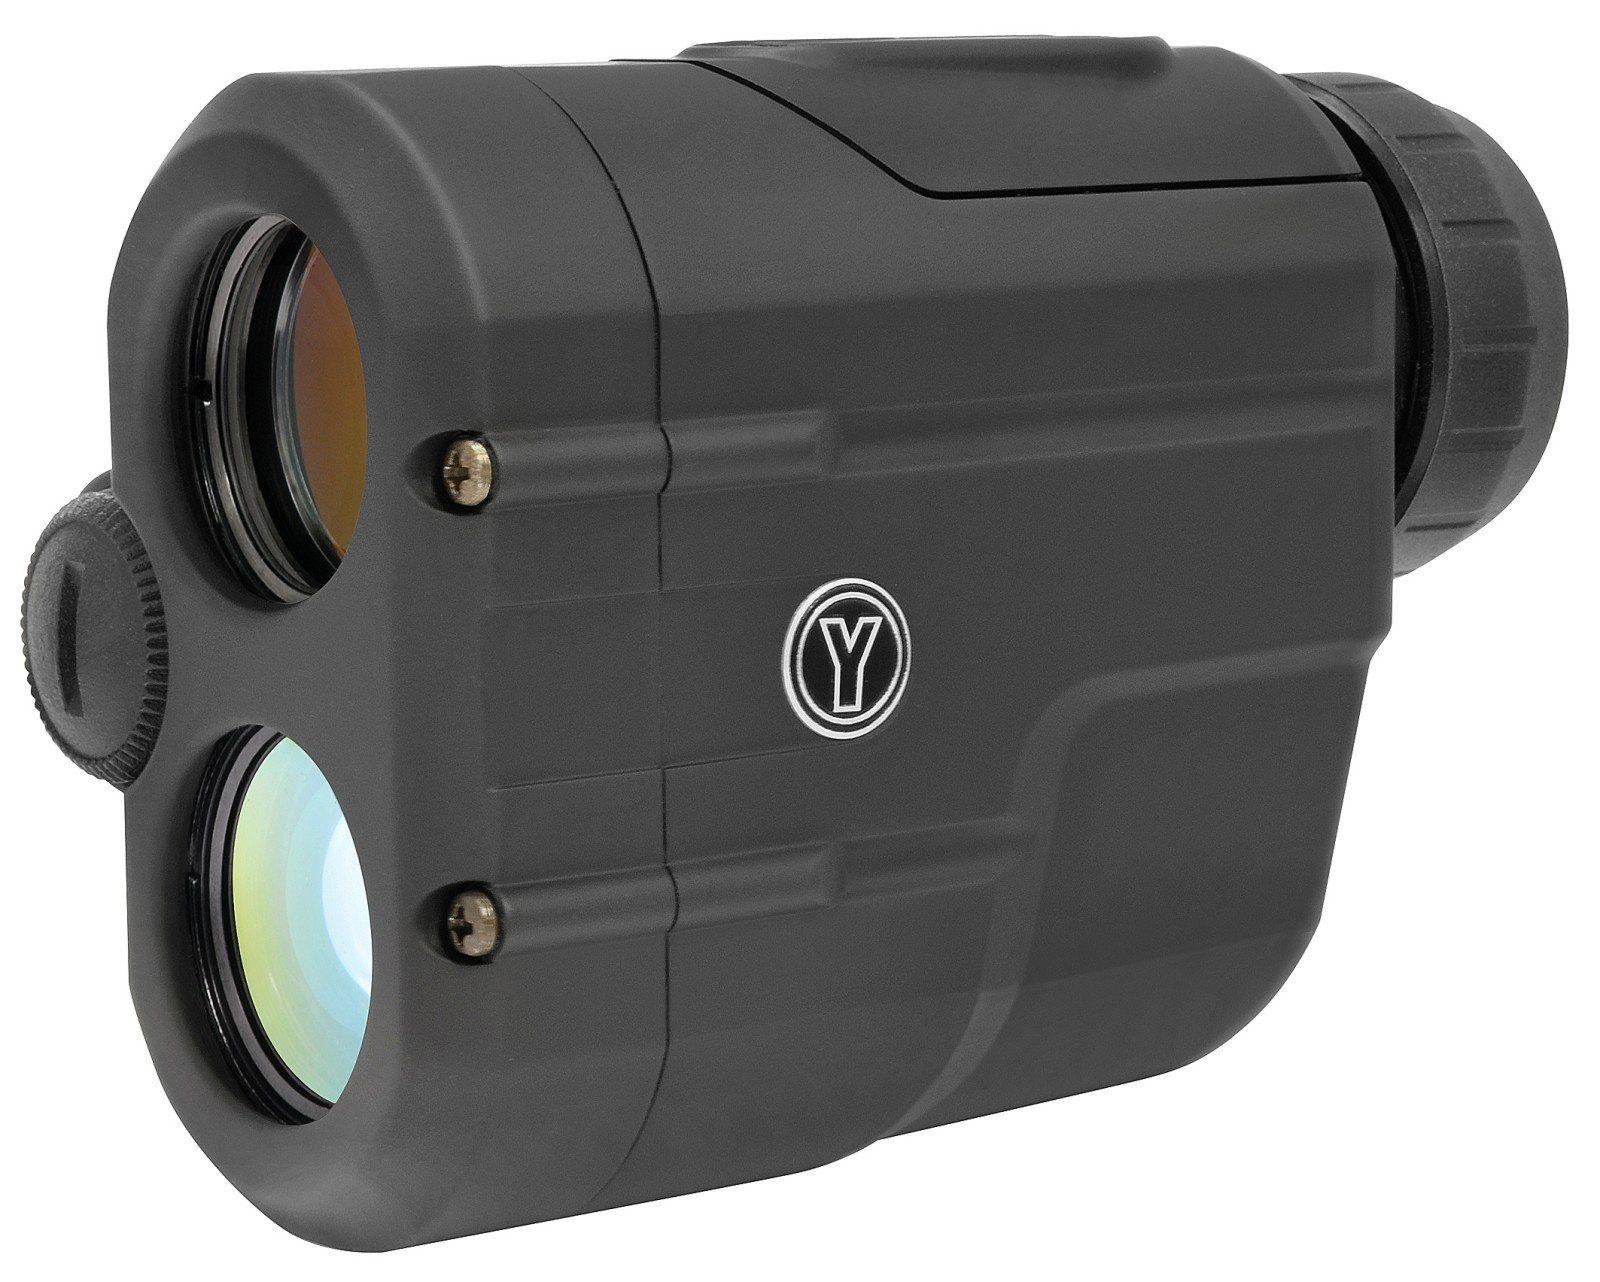 Makita Entfernungsmesser Ld050p : Yukon entfernungsmesser extend lrs laser